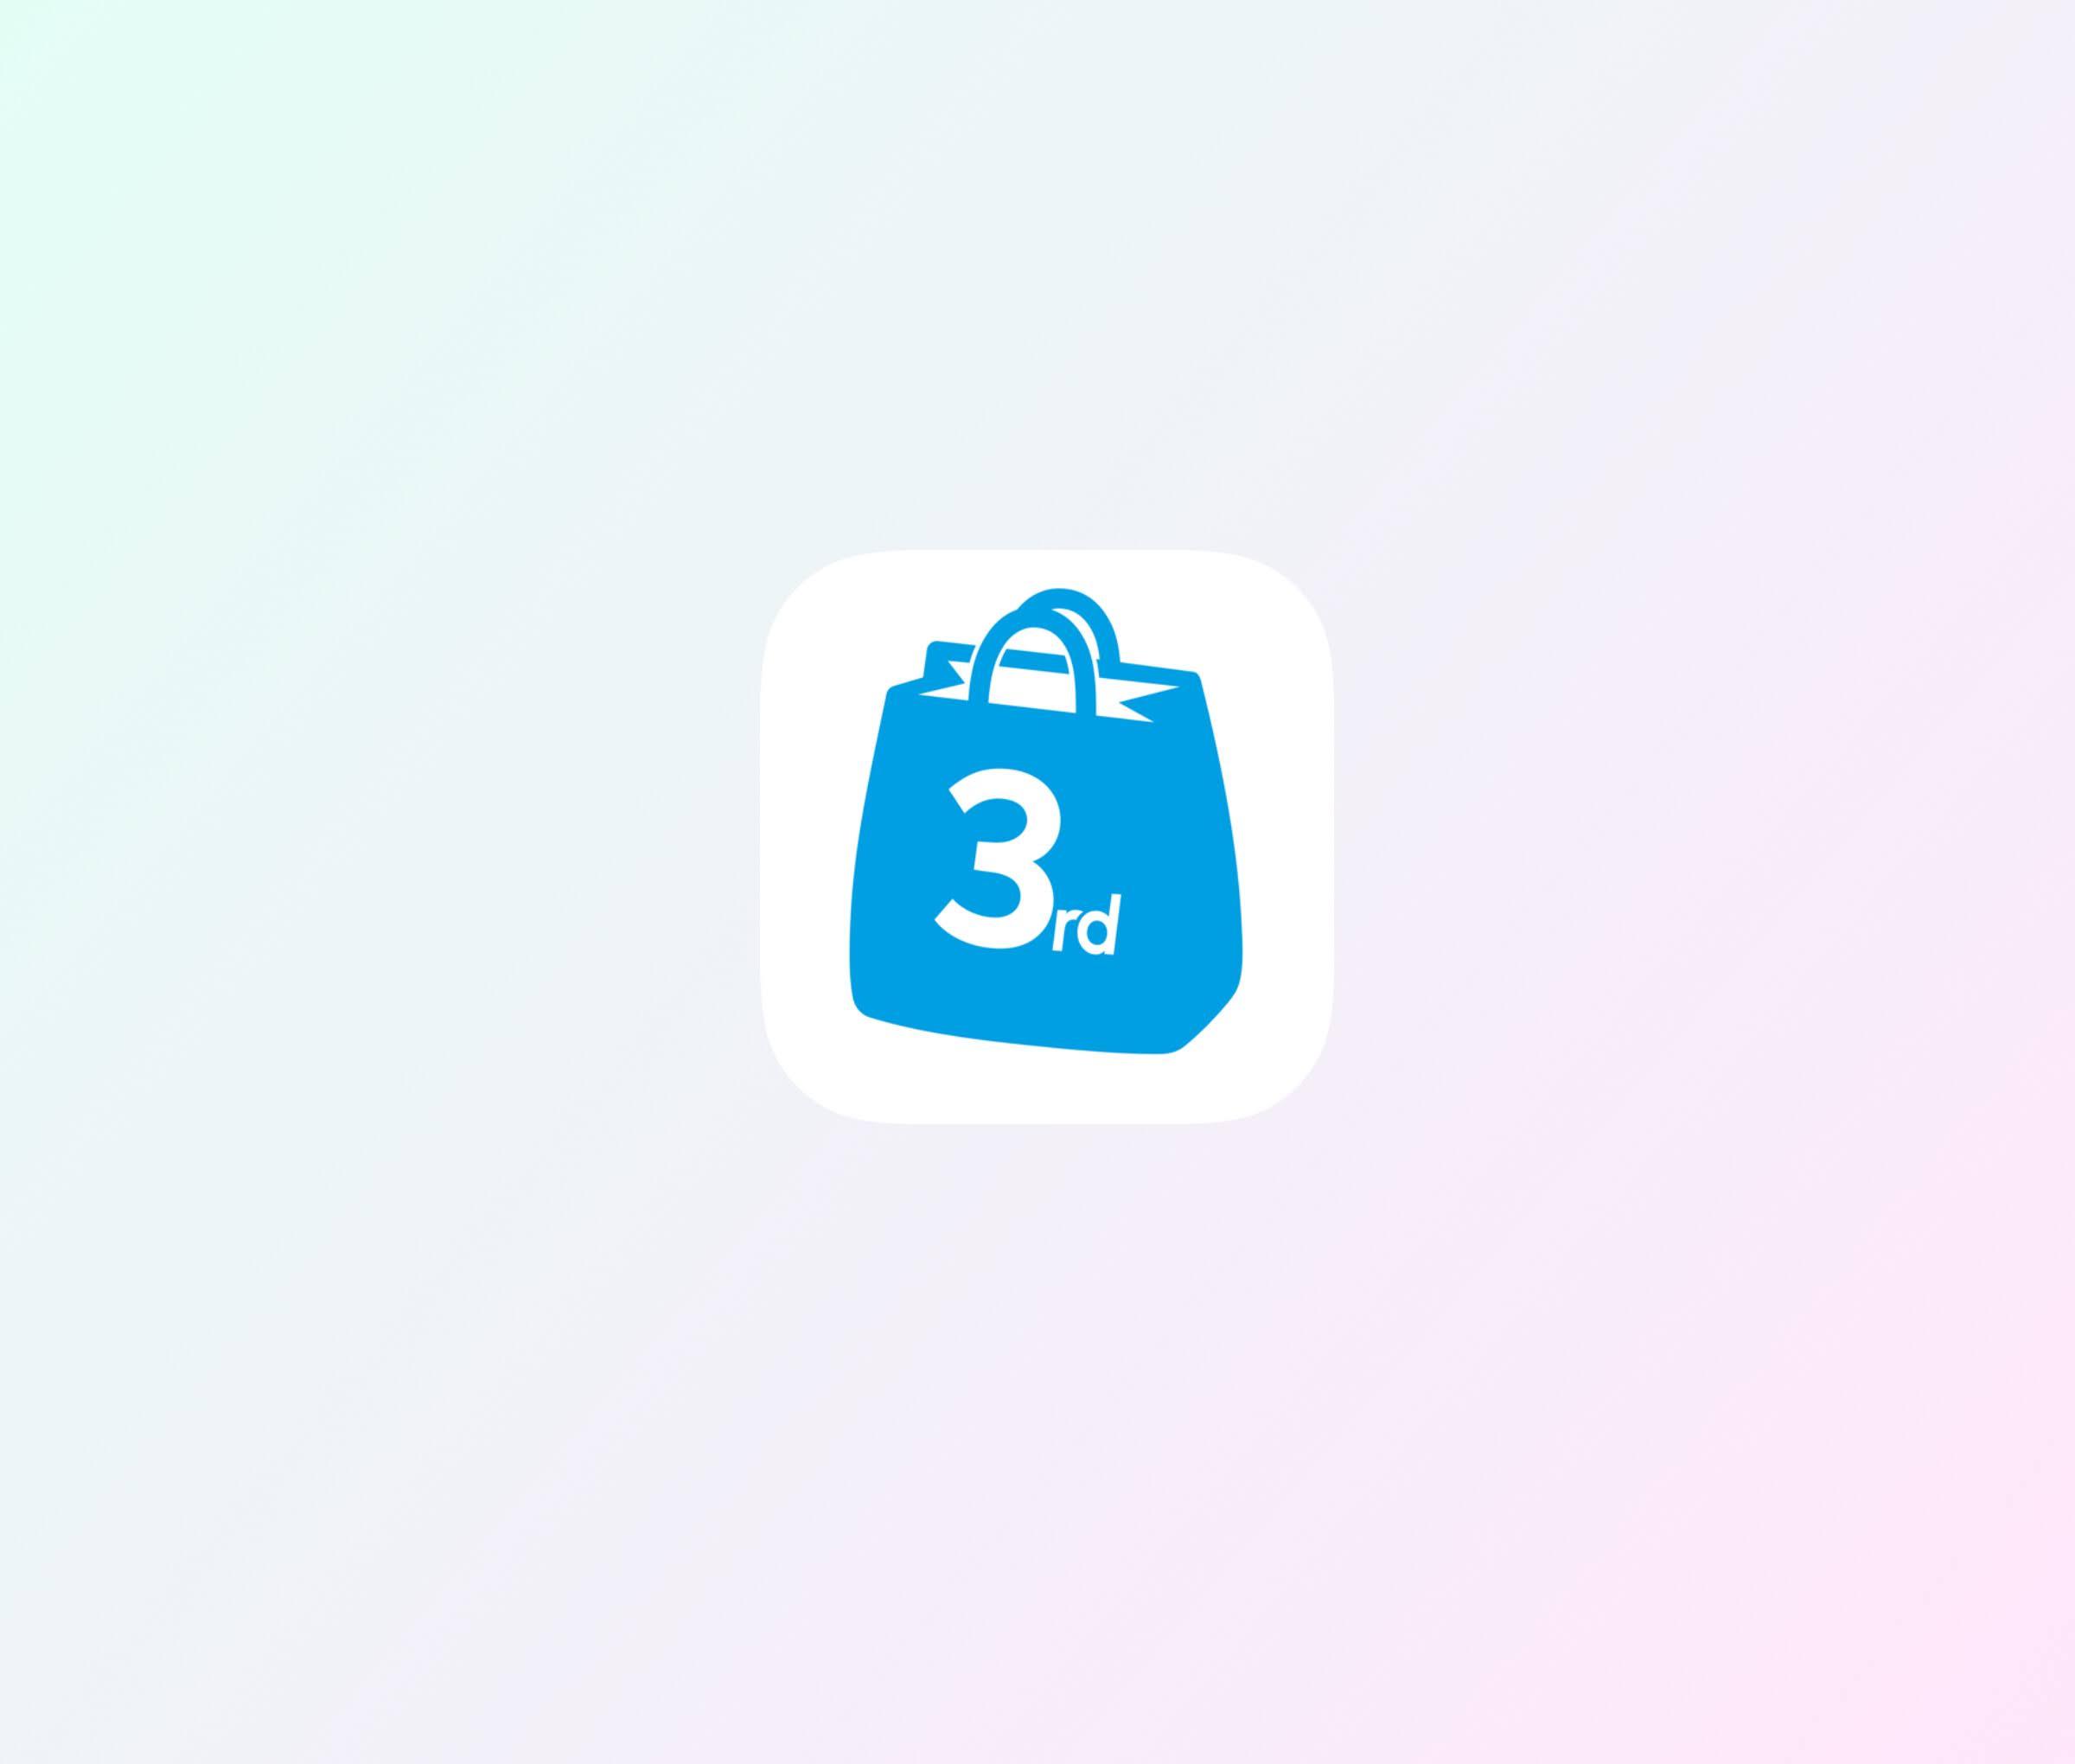 Amazonやらせ 分析アプリ サードモール 使い方